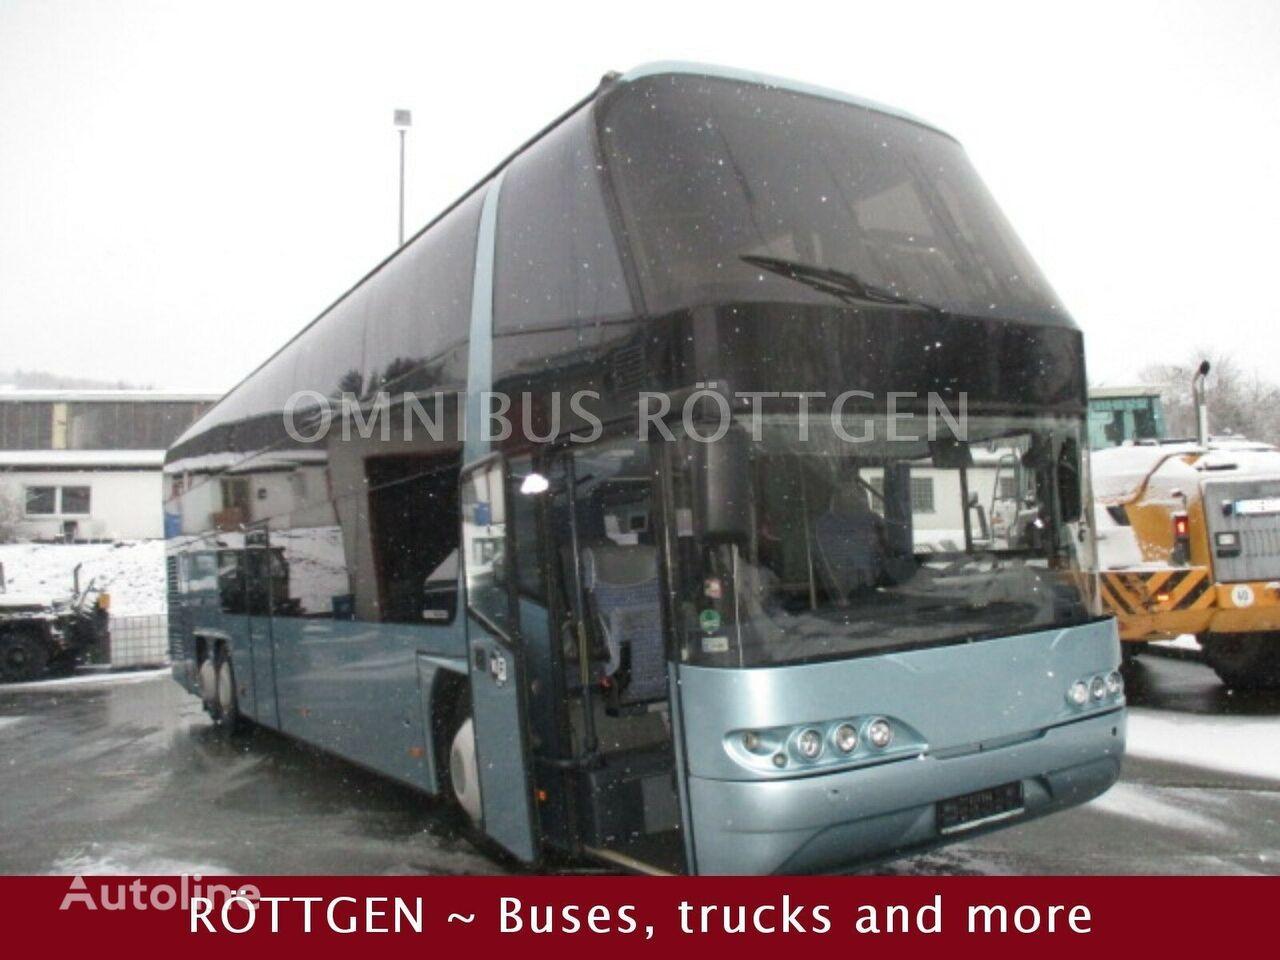 NEOPLAN N 1122/3 L (Euro 4, ATM) autobús de dos pisos